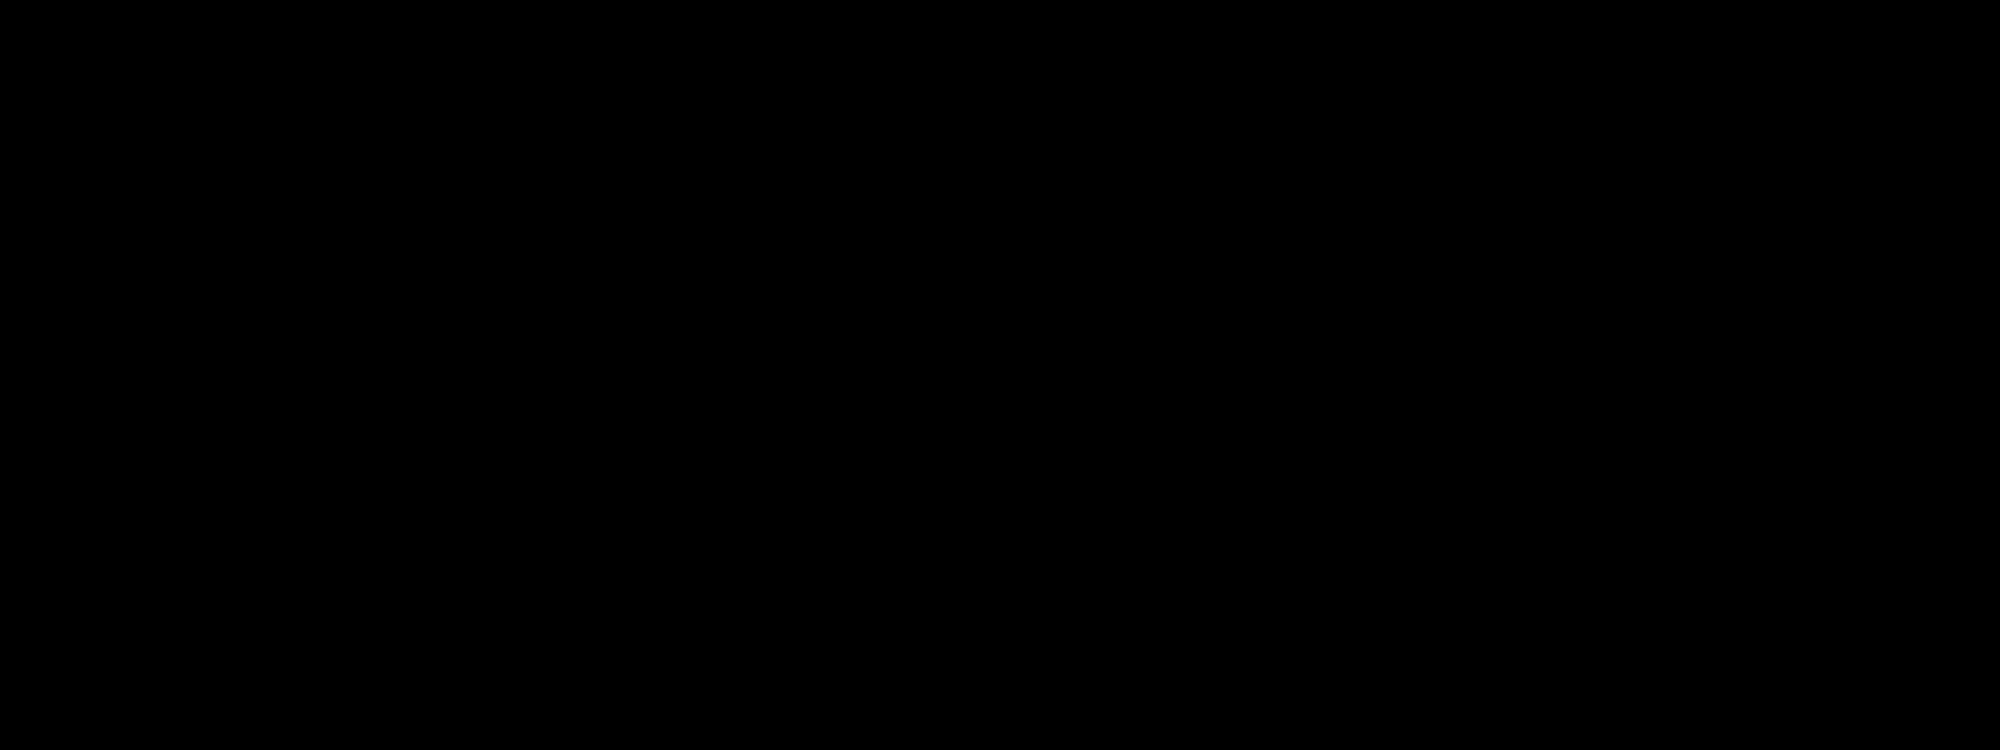 Thomas Wolfe signature